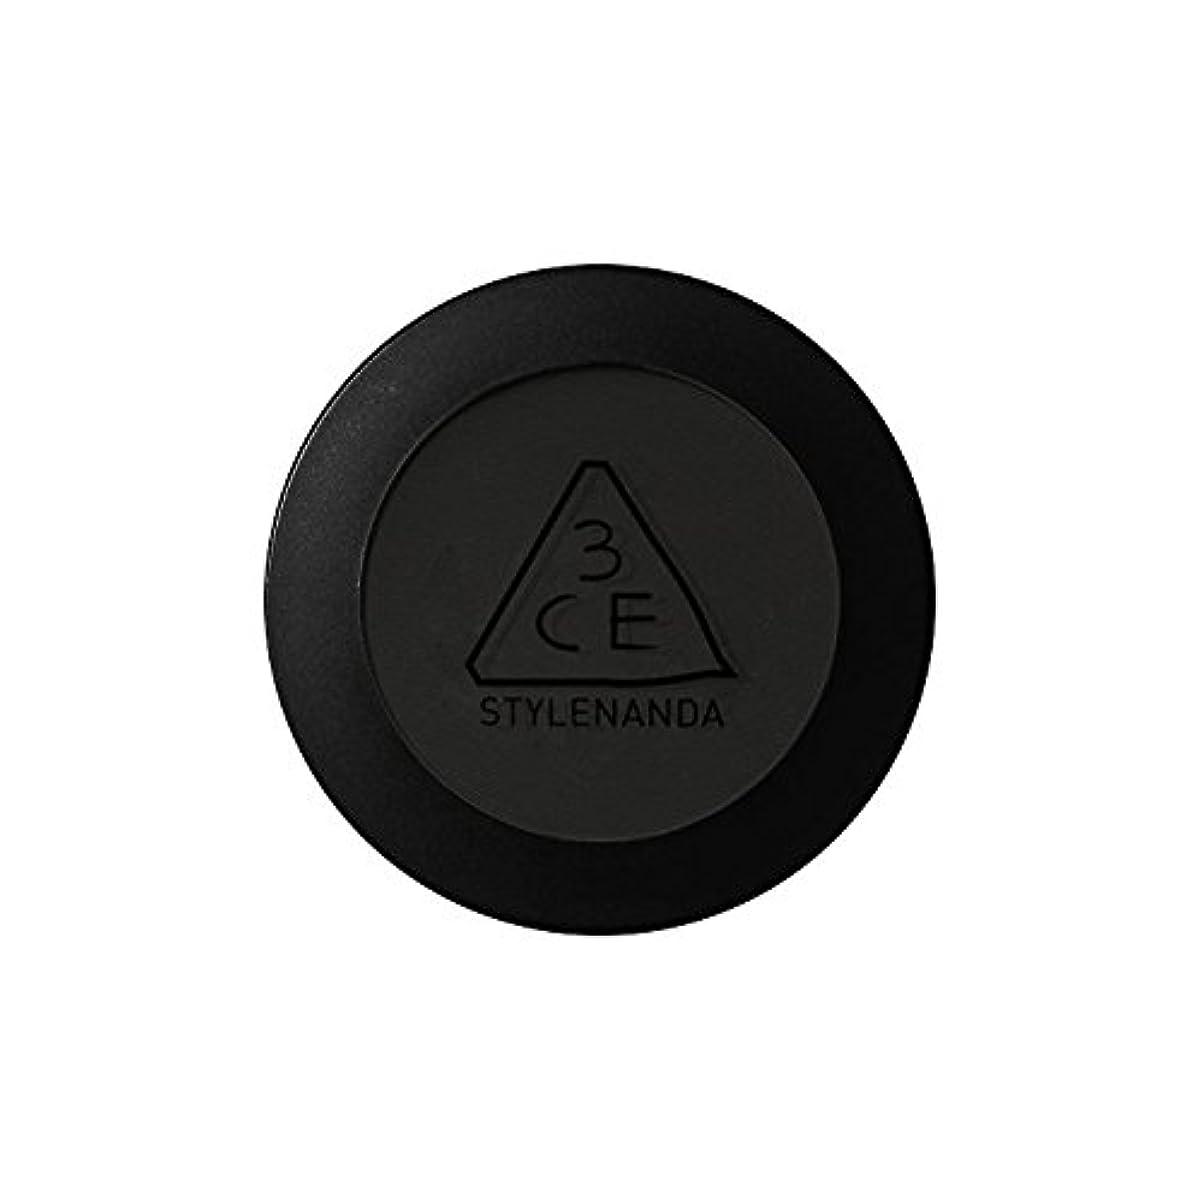 シフト三角形色合い3CE ONE COLOR SHADOW(Matt) #BLACK JACK / 3CE ワンカラーシャドウ(マット)2.5g [並行輸入品]